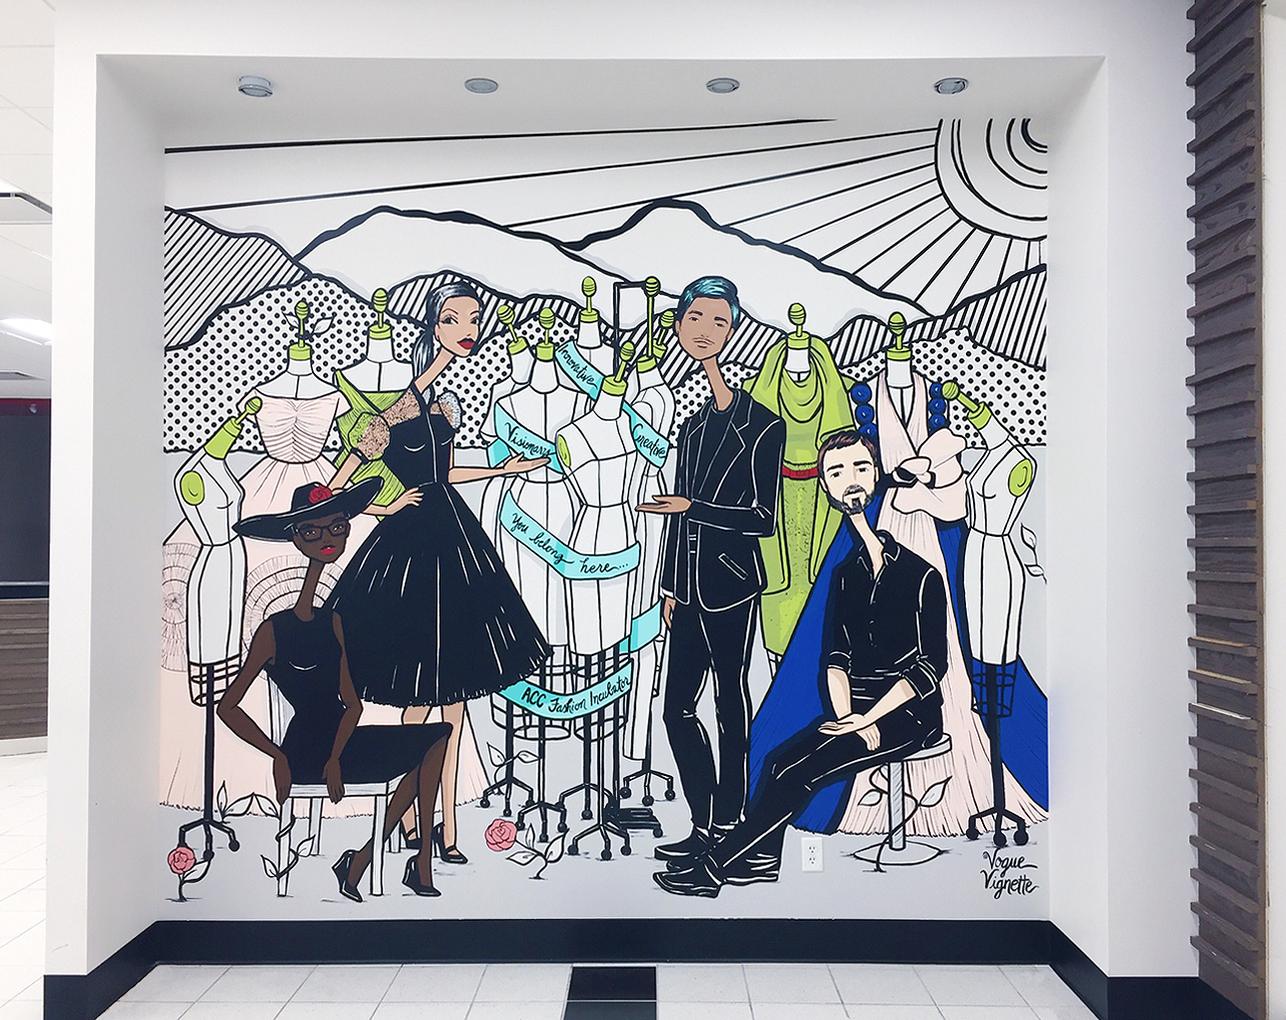 VogueVignette_ACC_Mural.png